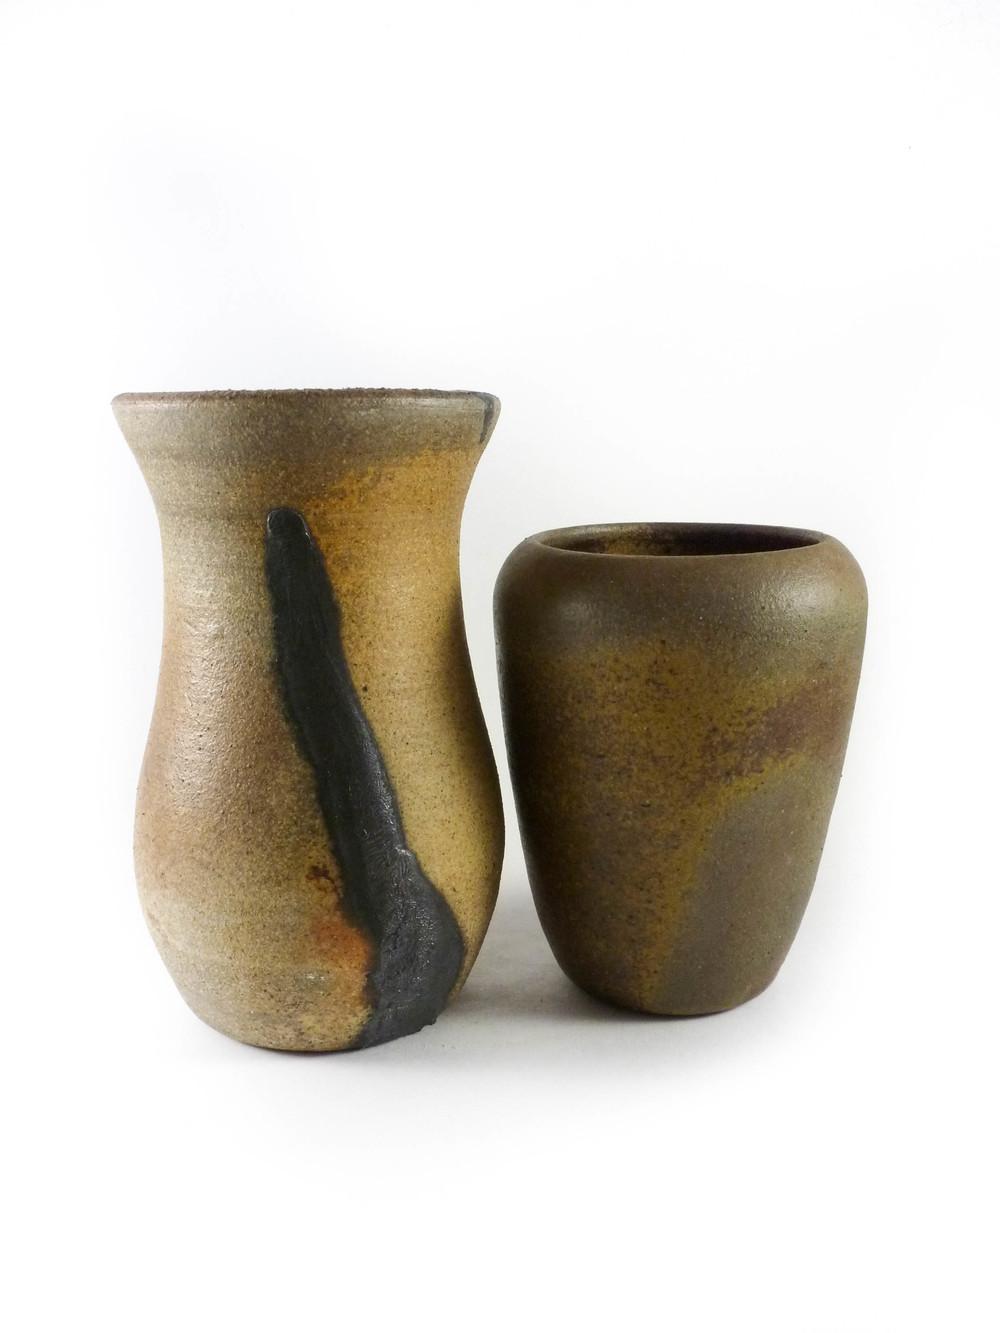 Vases 09-01 & 09-02